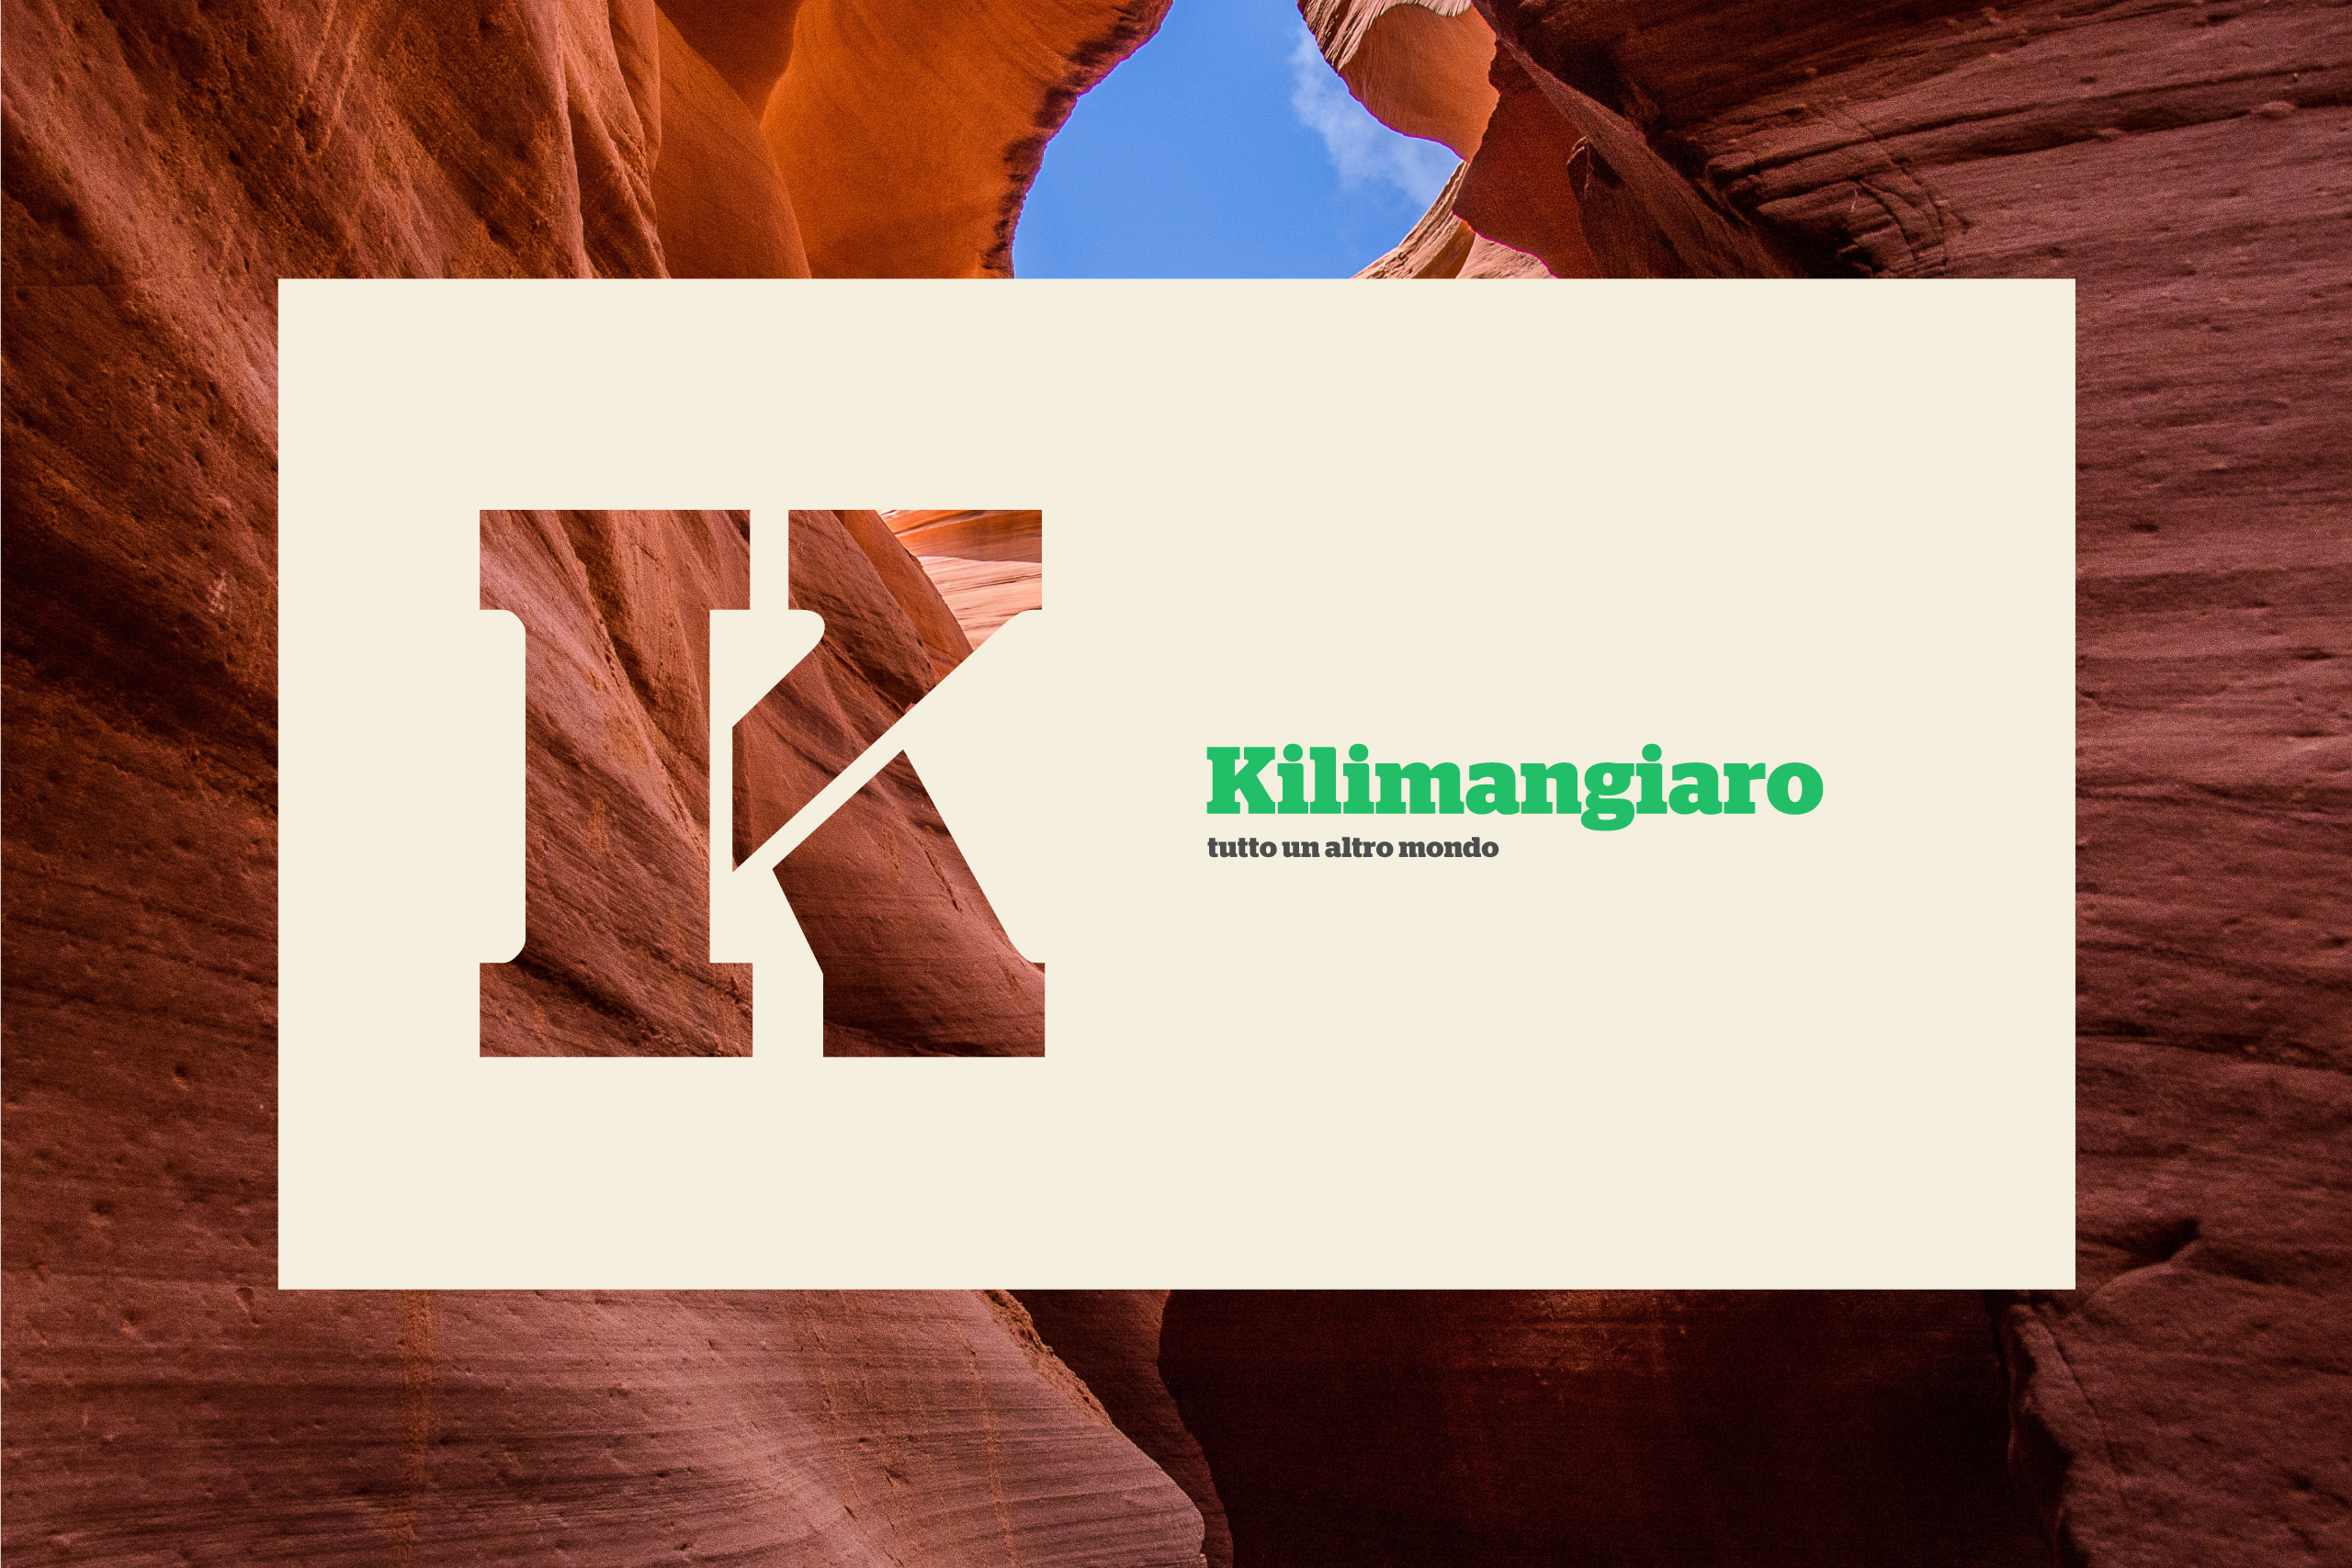 Kilimangiaro_6